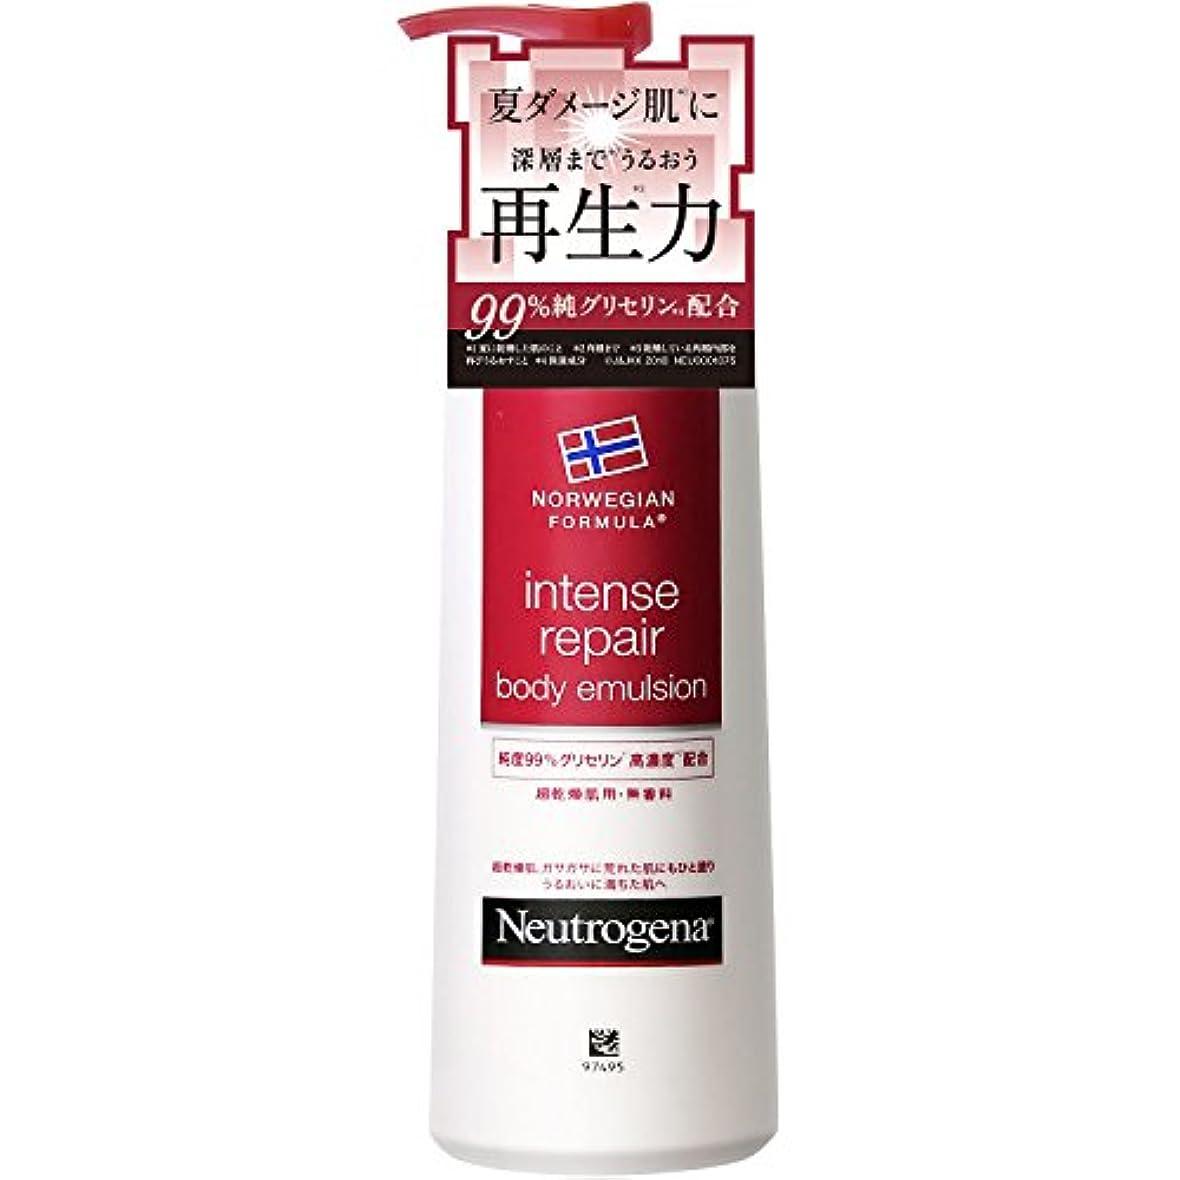 モッキンバードラジカル採用Neutrogena(ニュートロジーナ) ノルウェーフォーミュラ インテンスリペア ボディエマルジョン 超乾燥肌用 無香料 単品 250mL